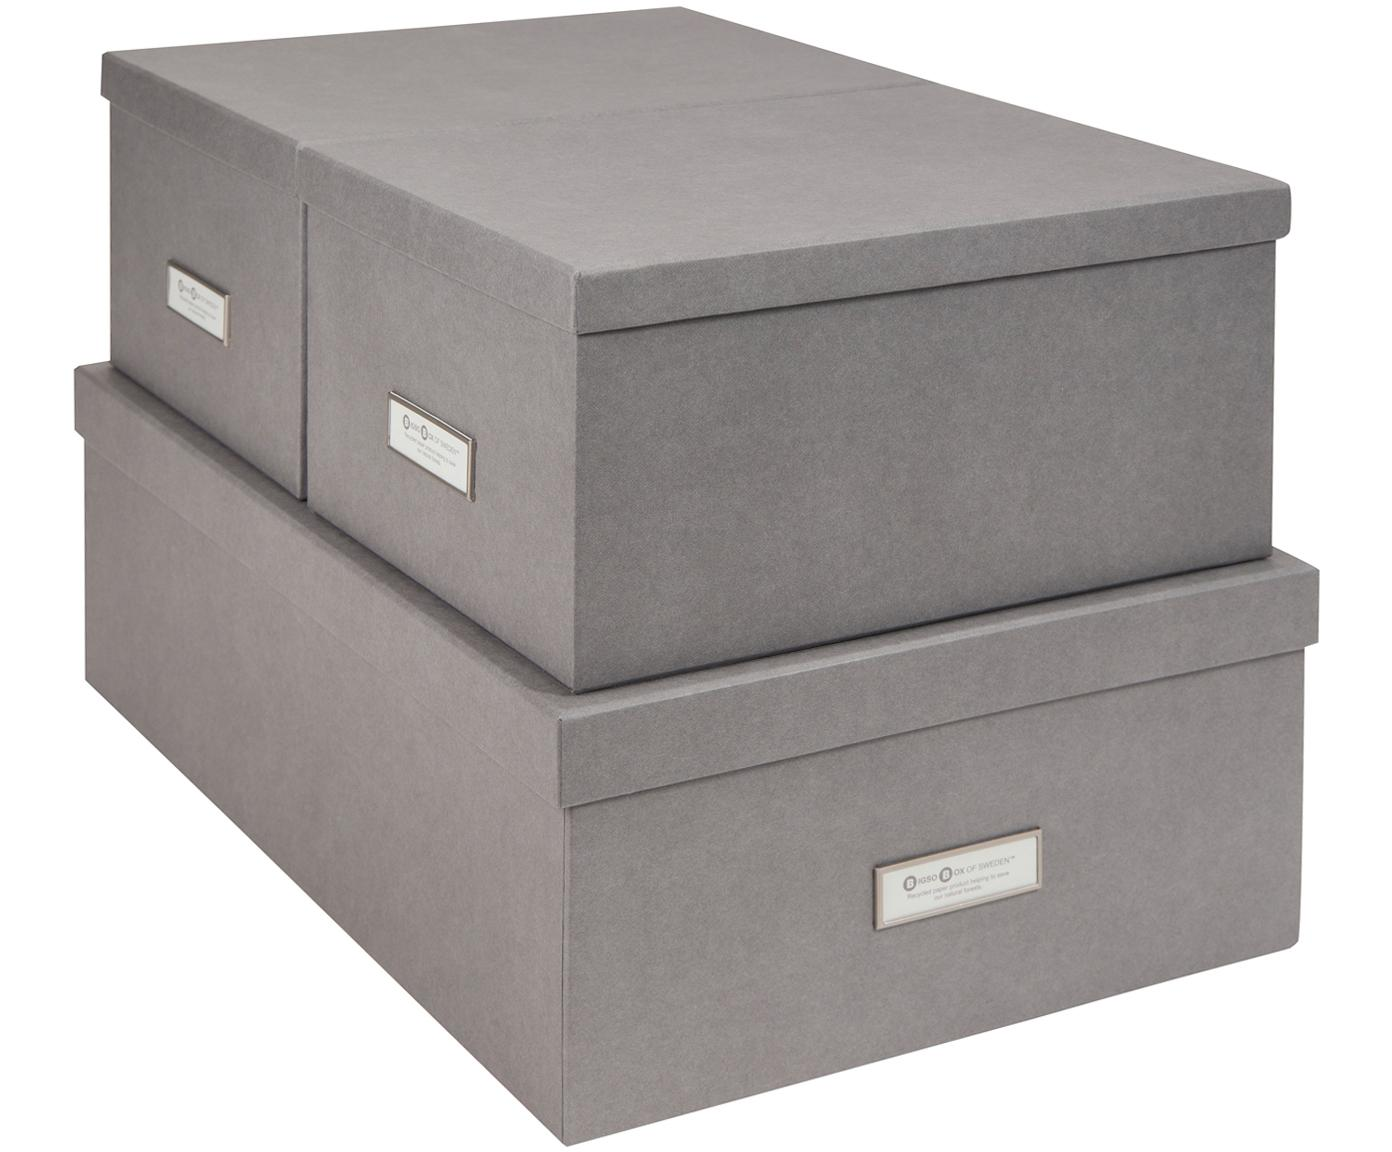 Aufbewahrungsboxen-Set Inge, 3-tlg., Box: Fester, laminierter Karto, Box aussen: HellgrauBox innen: Weiss, Verschiedene Grössen